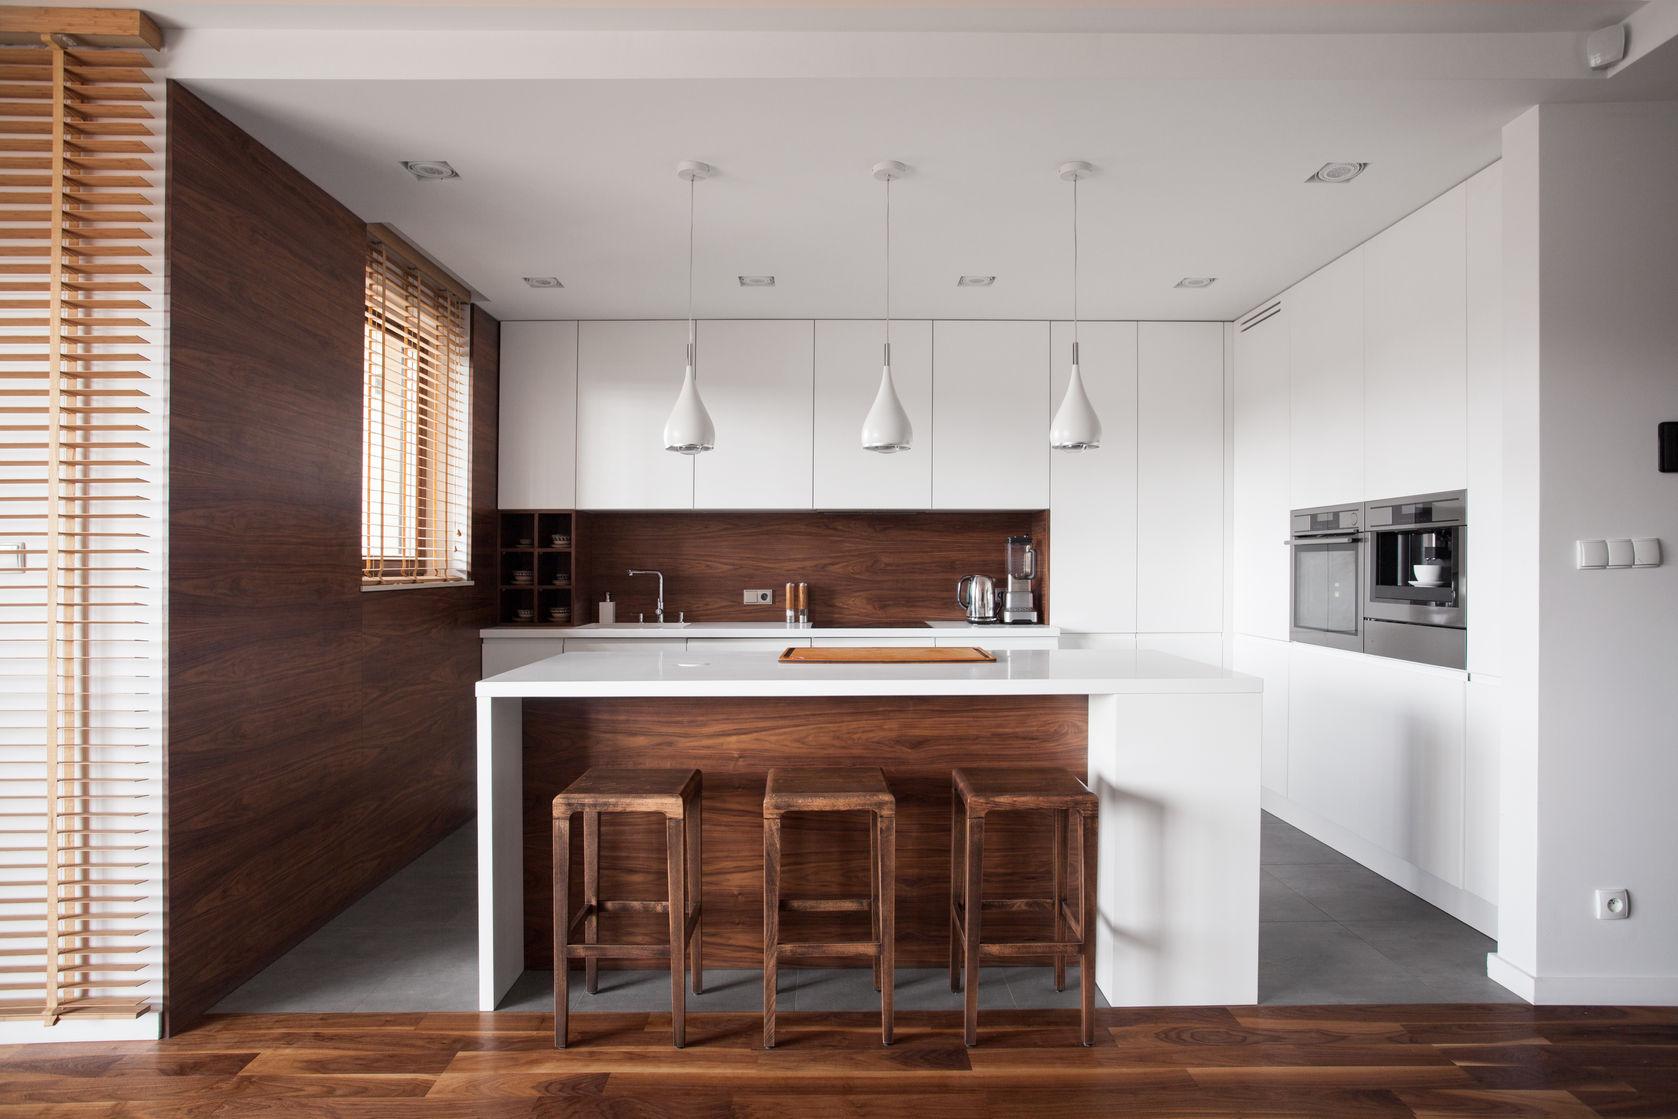 modern styled kitchen